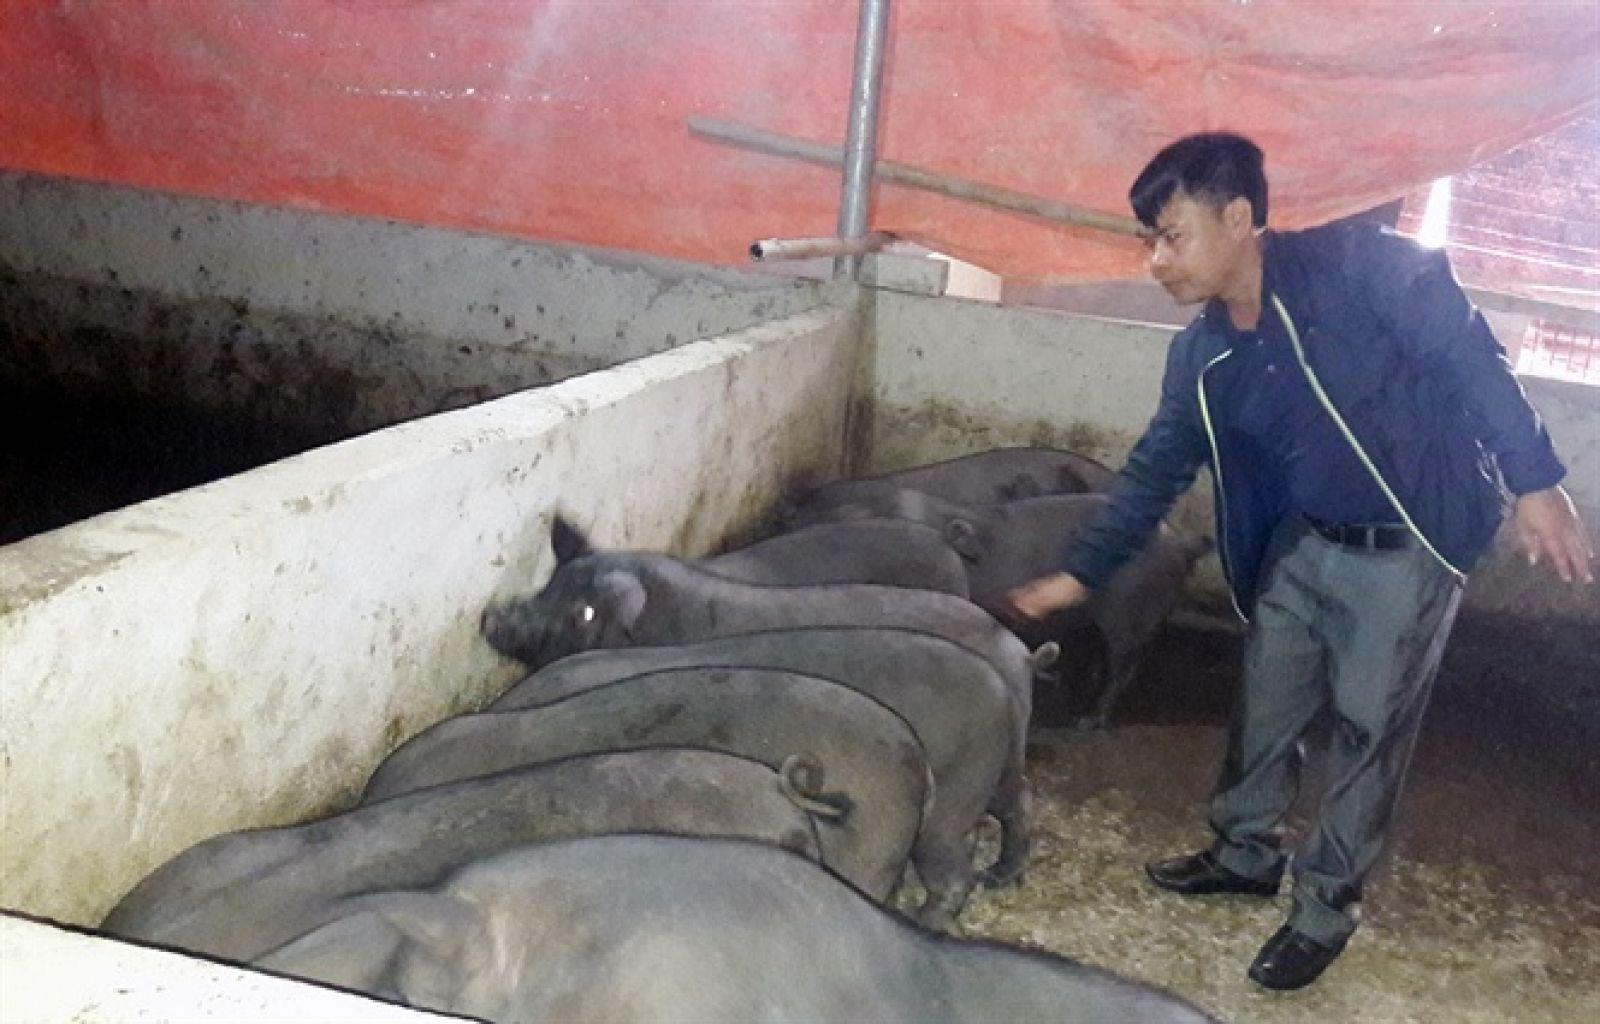 Lợn nuôi bằng thức ăn tự phối trộn, ngâm ủ men vi sinh vừa giảm chi phí đầu vào vừa có giá cao hơn ngoài thị trường